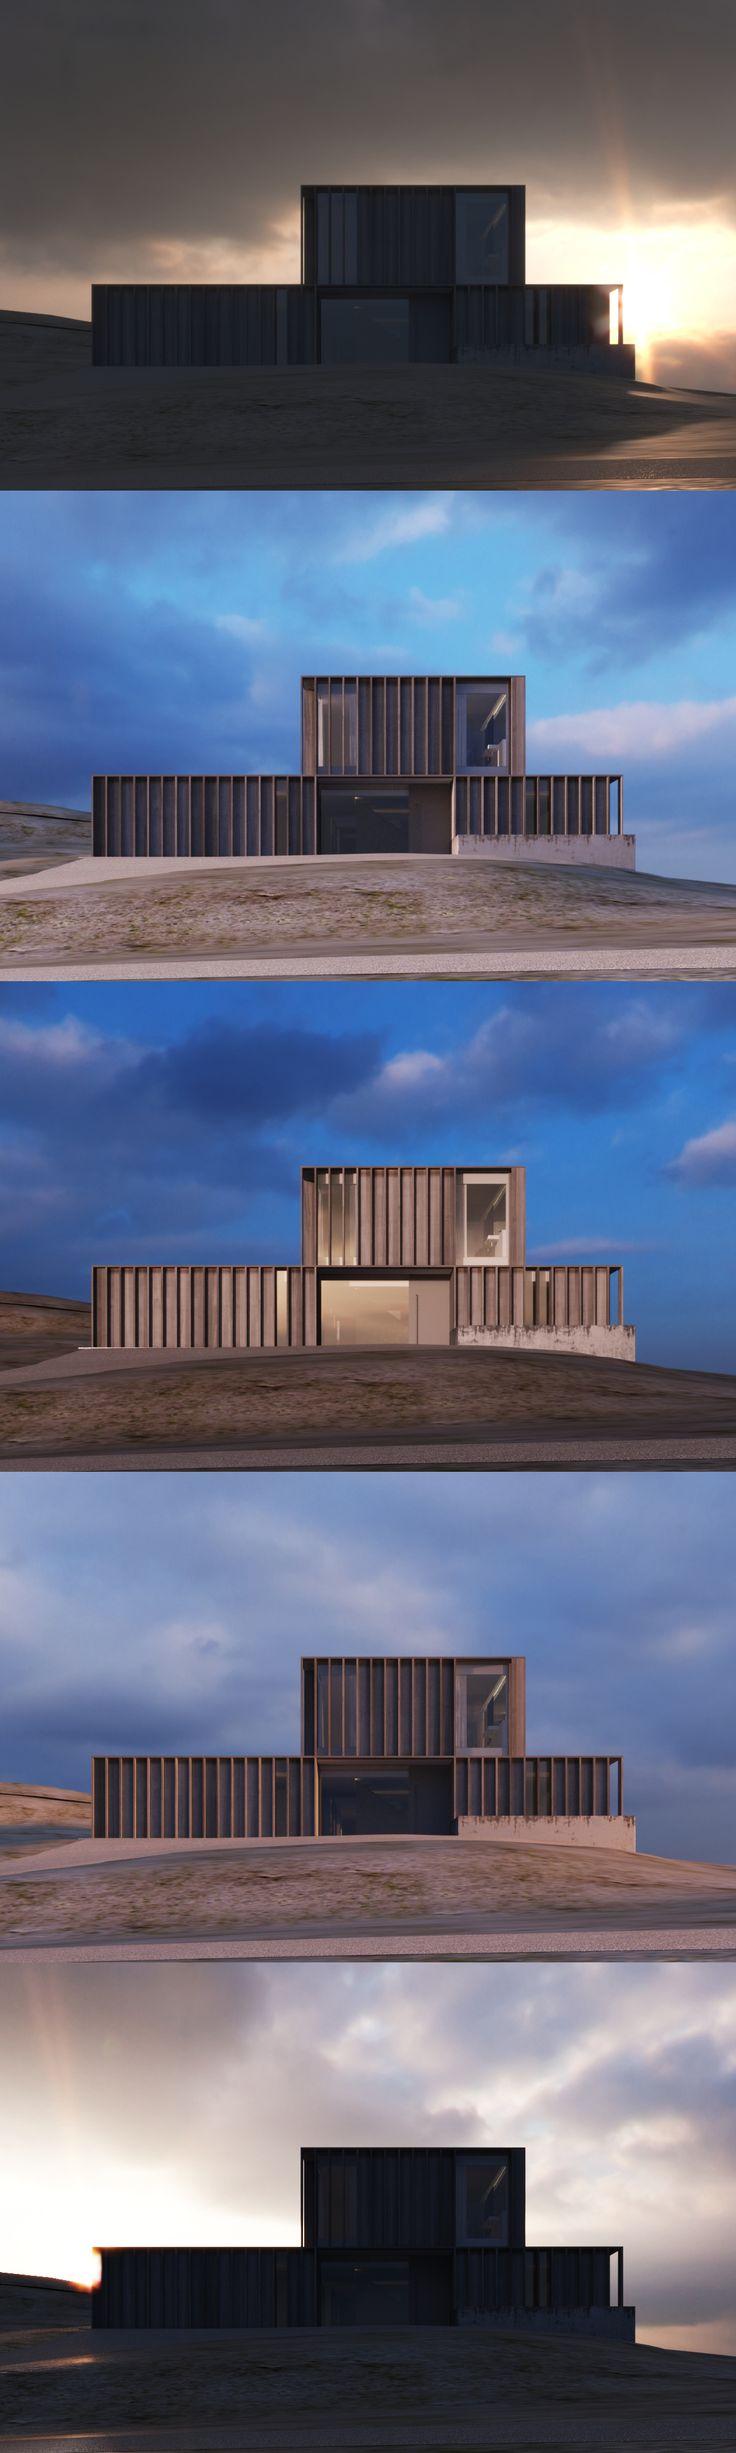 Carey House Part 6 - The Boundary